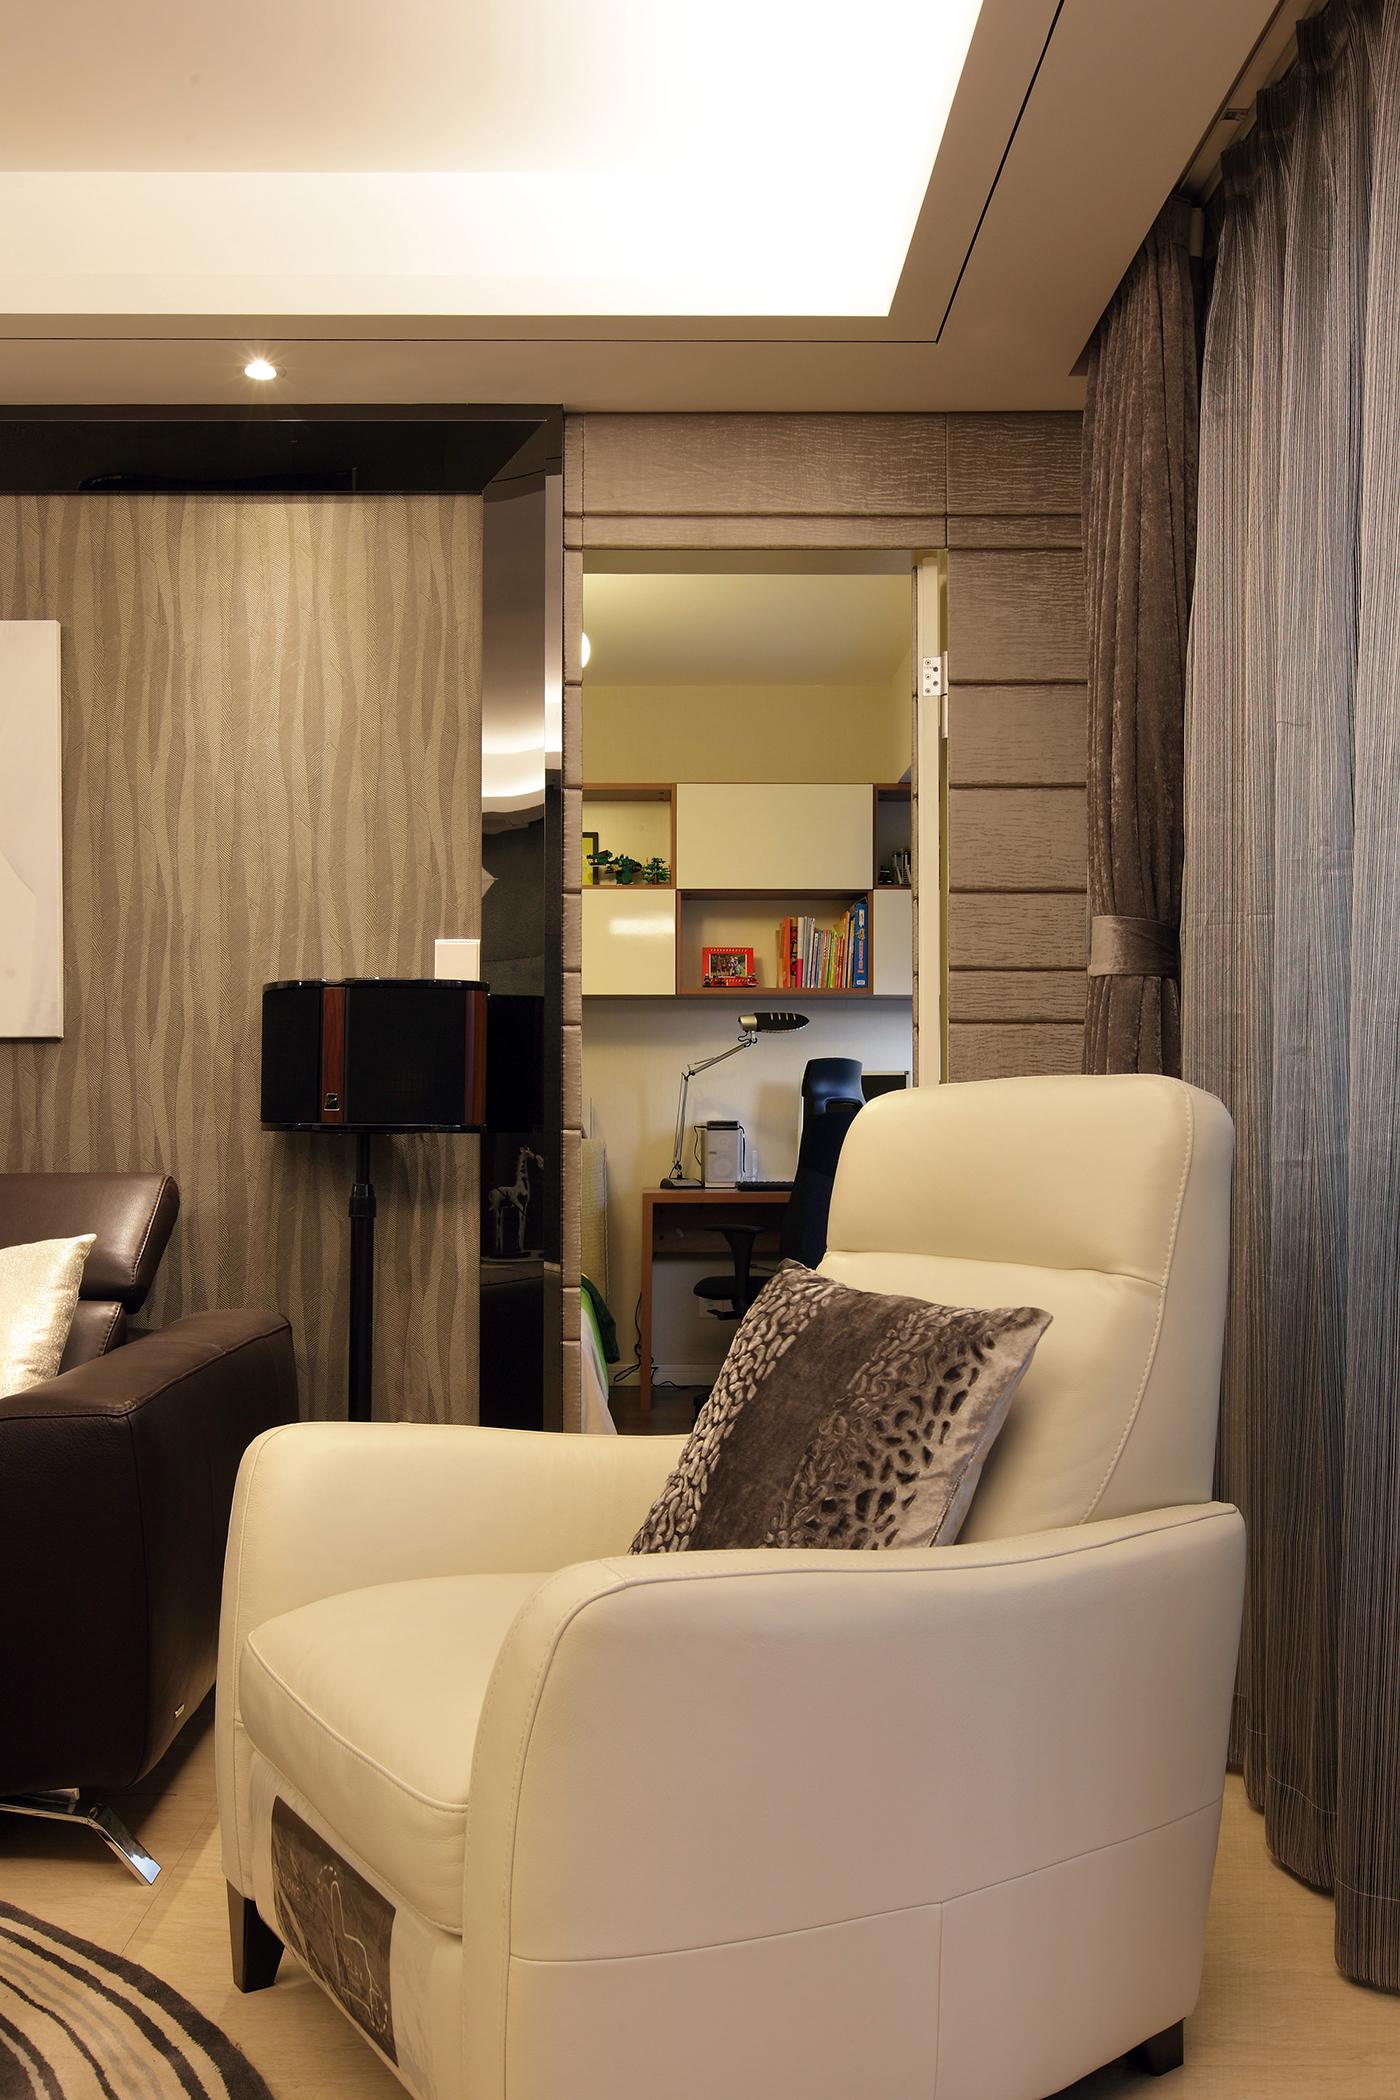 140㎡现代简约装修单人沙发设计